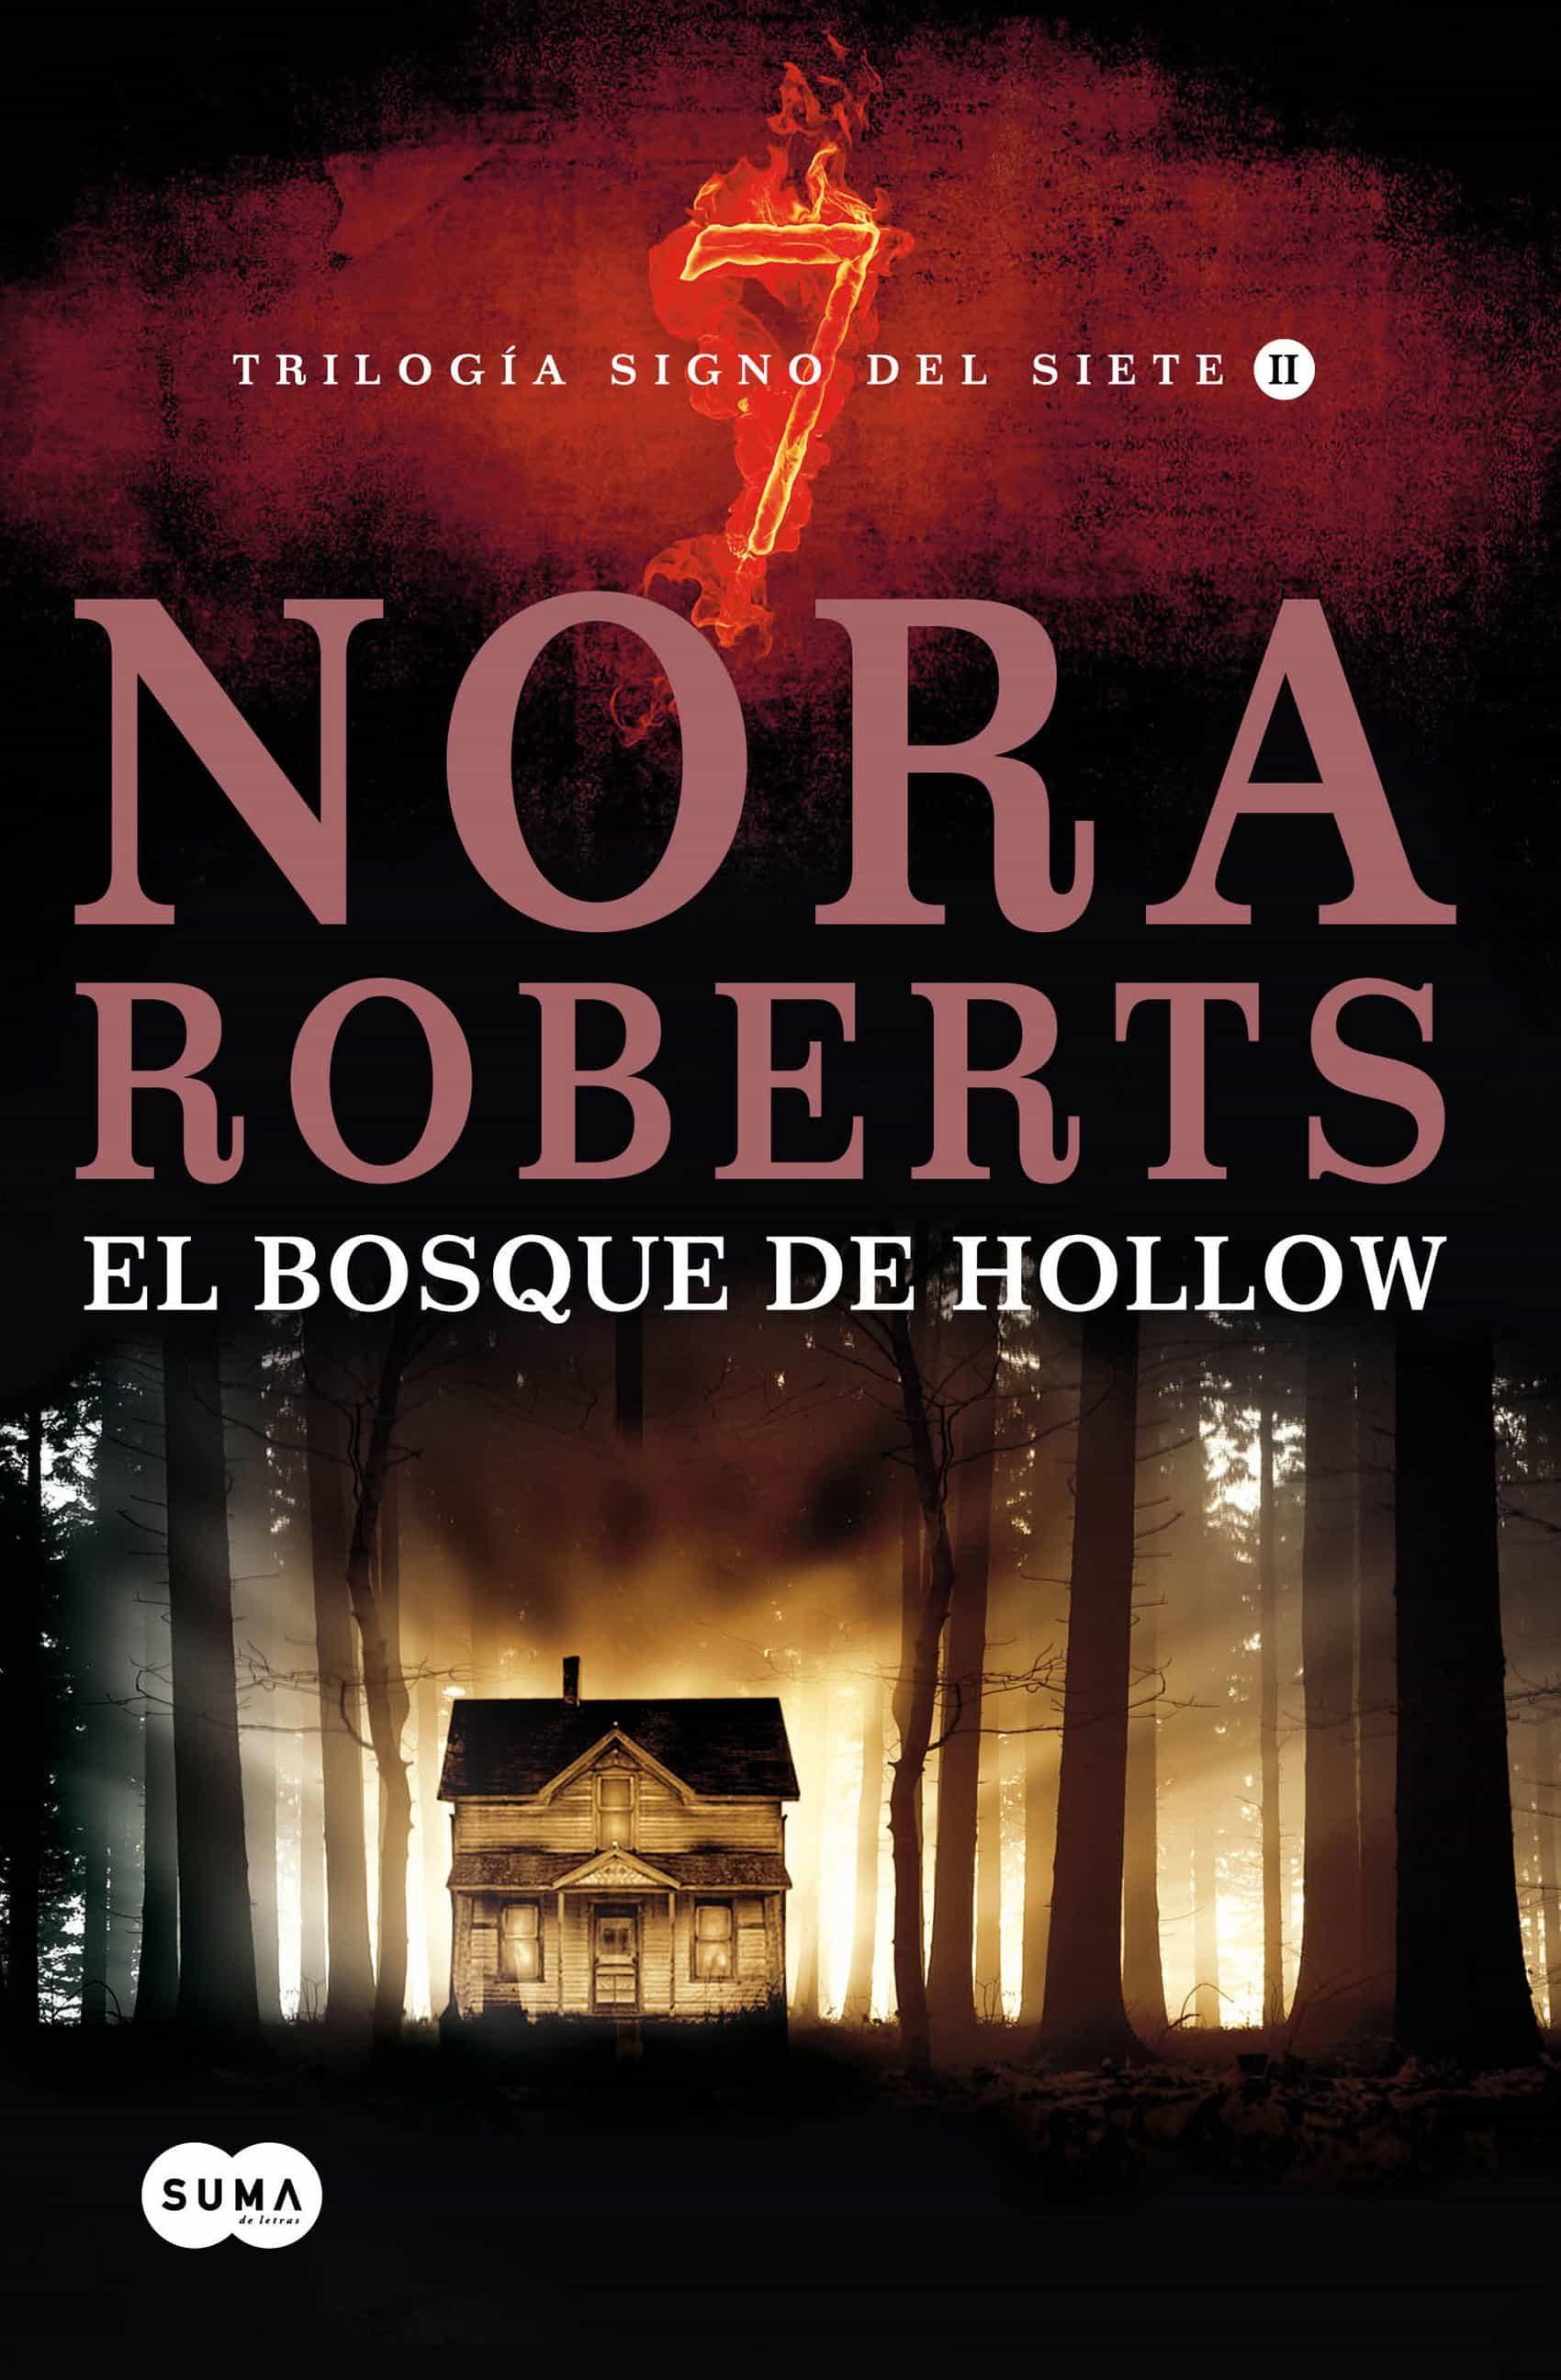 EL BOSQUE DE HOLLOW (TRILOGÍA SIGNO DEL SIETE 2)